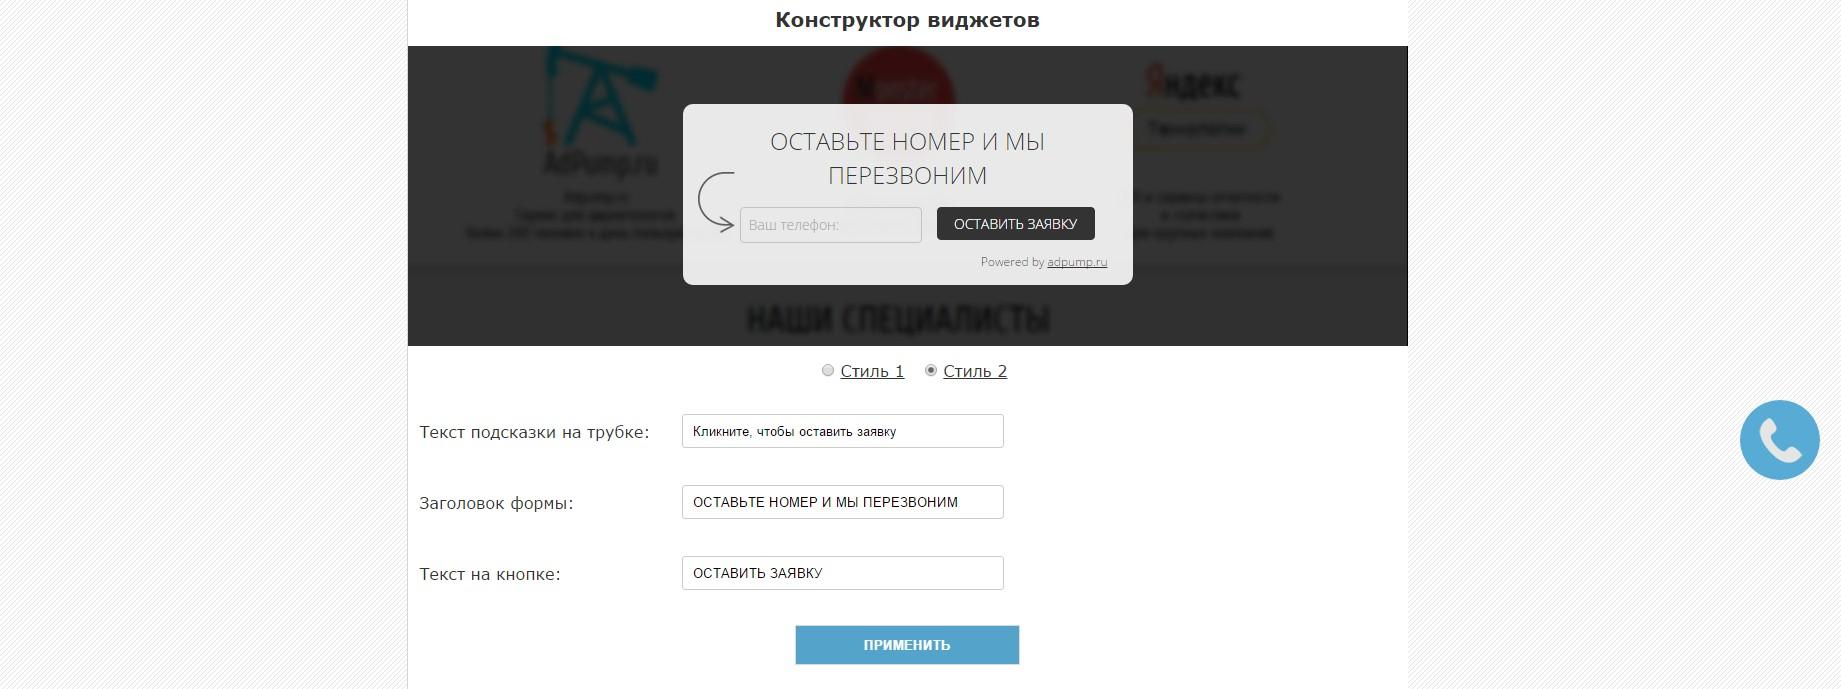 код html обратного звонка